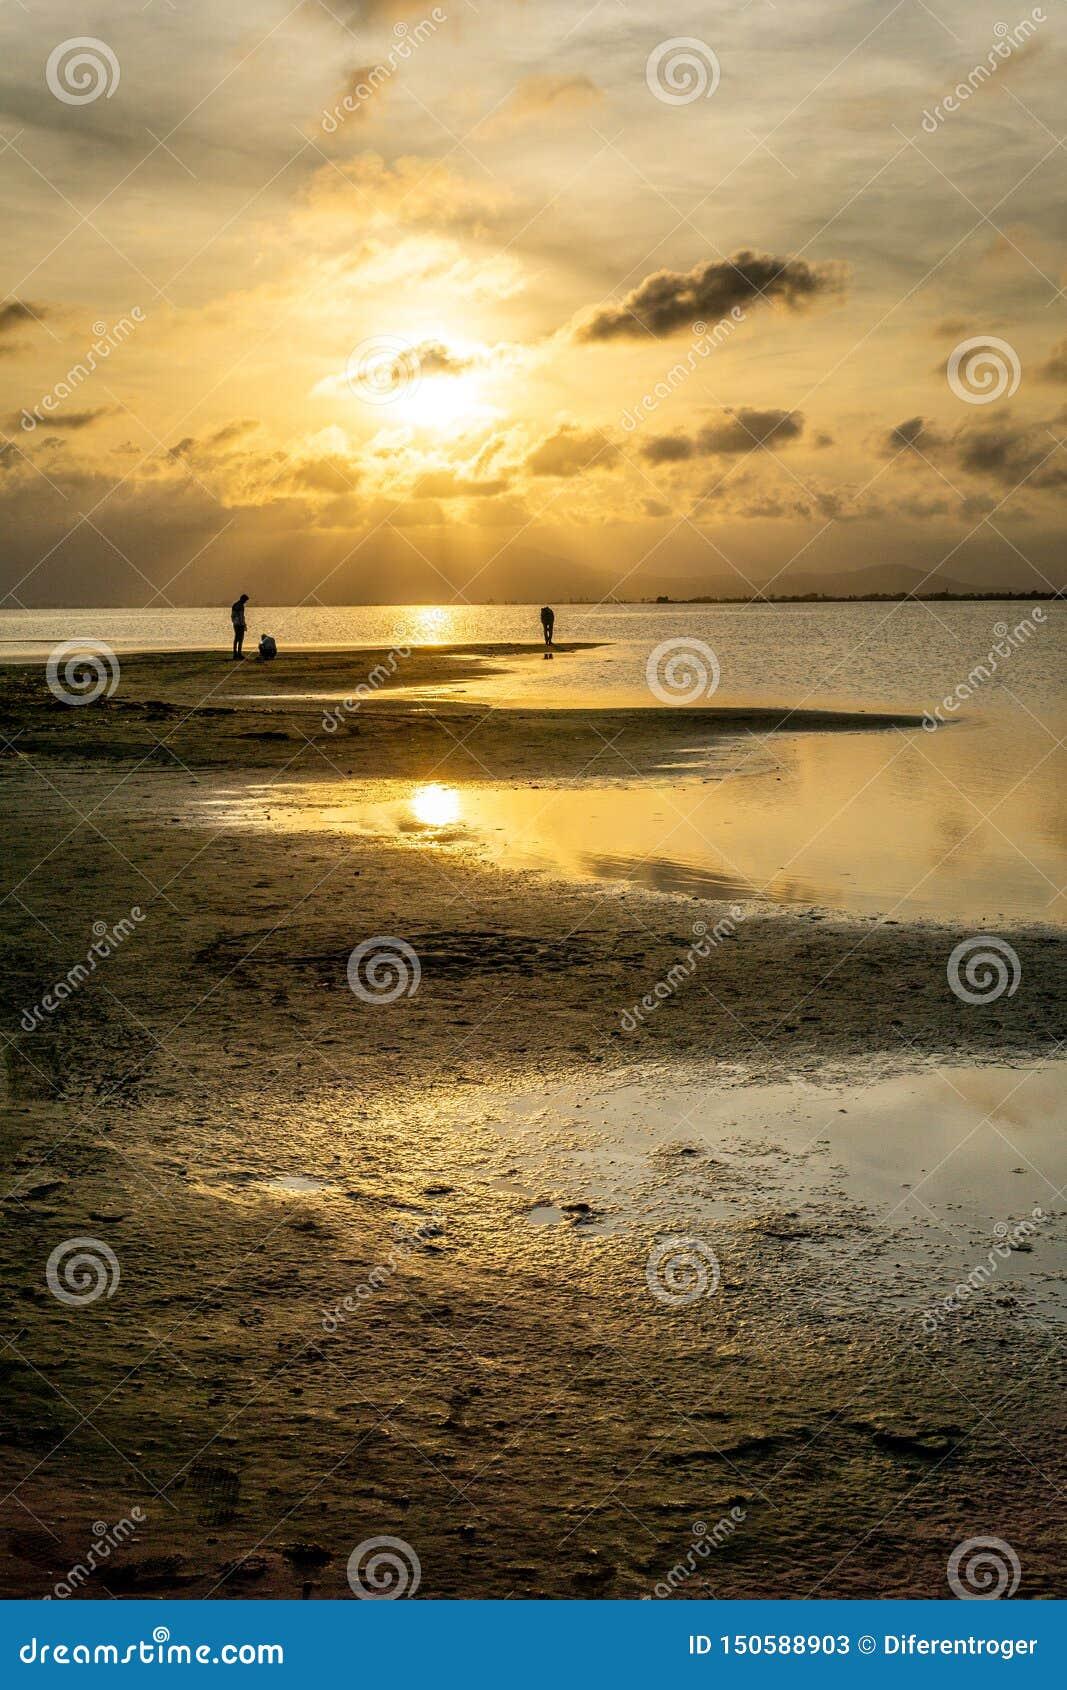 Silhouettes des personnes méconnaissables sur la plage au coucher du soleil avec la mer calme